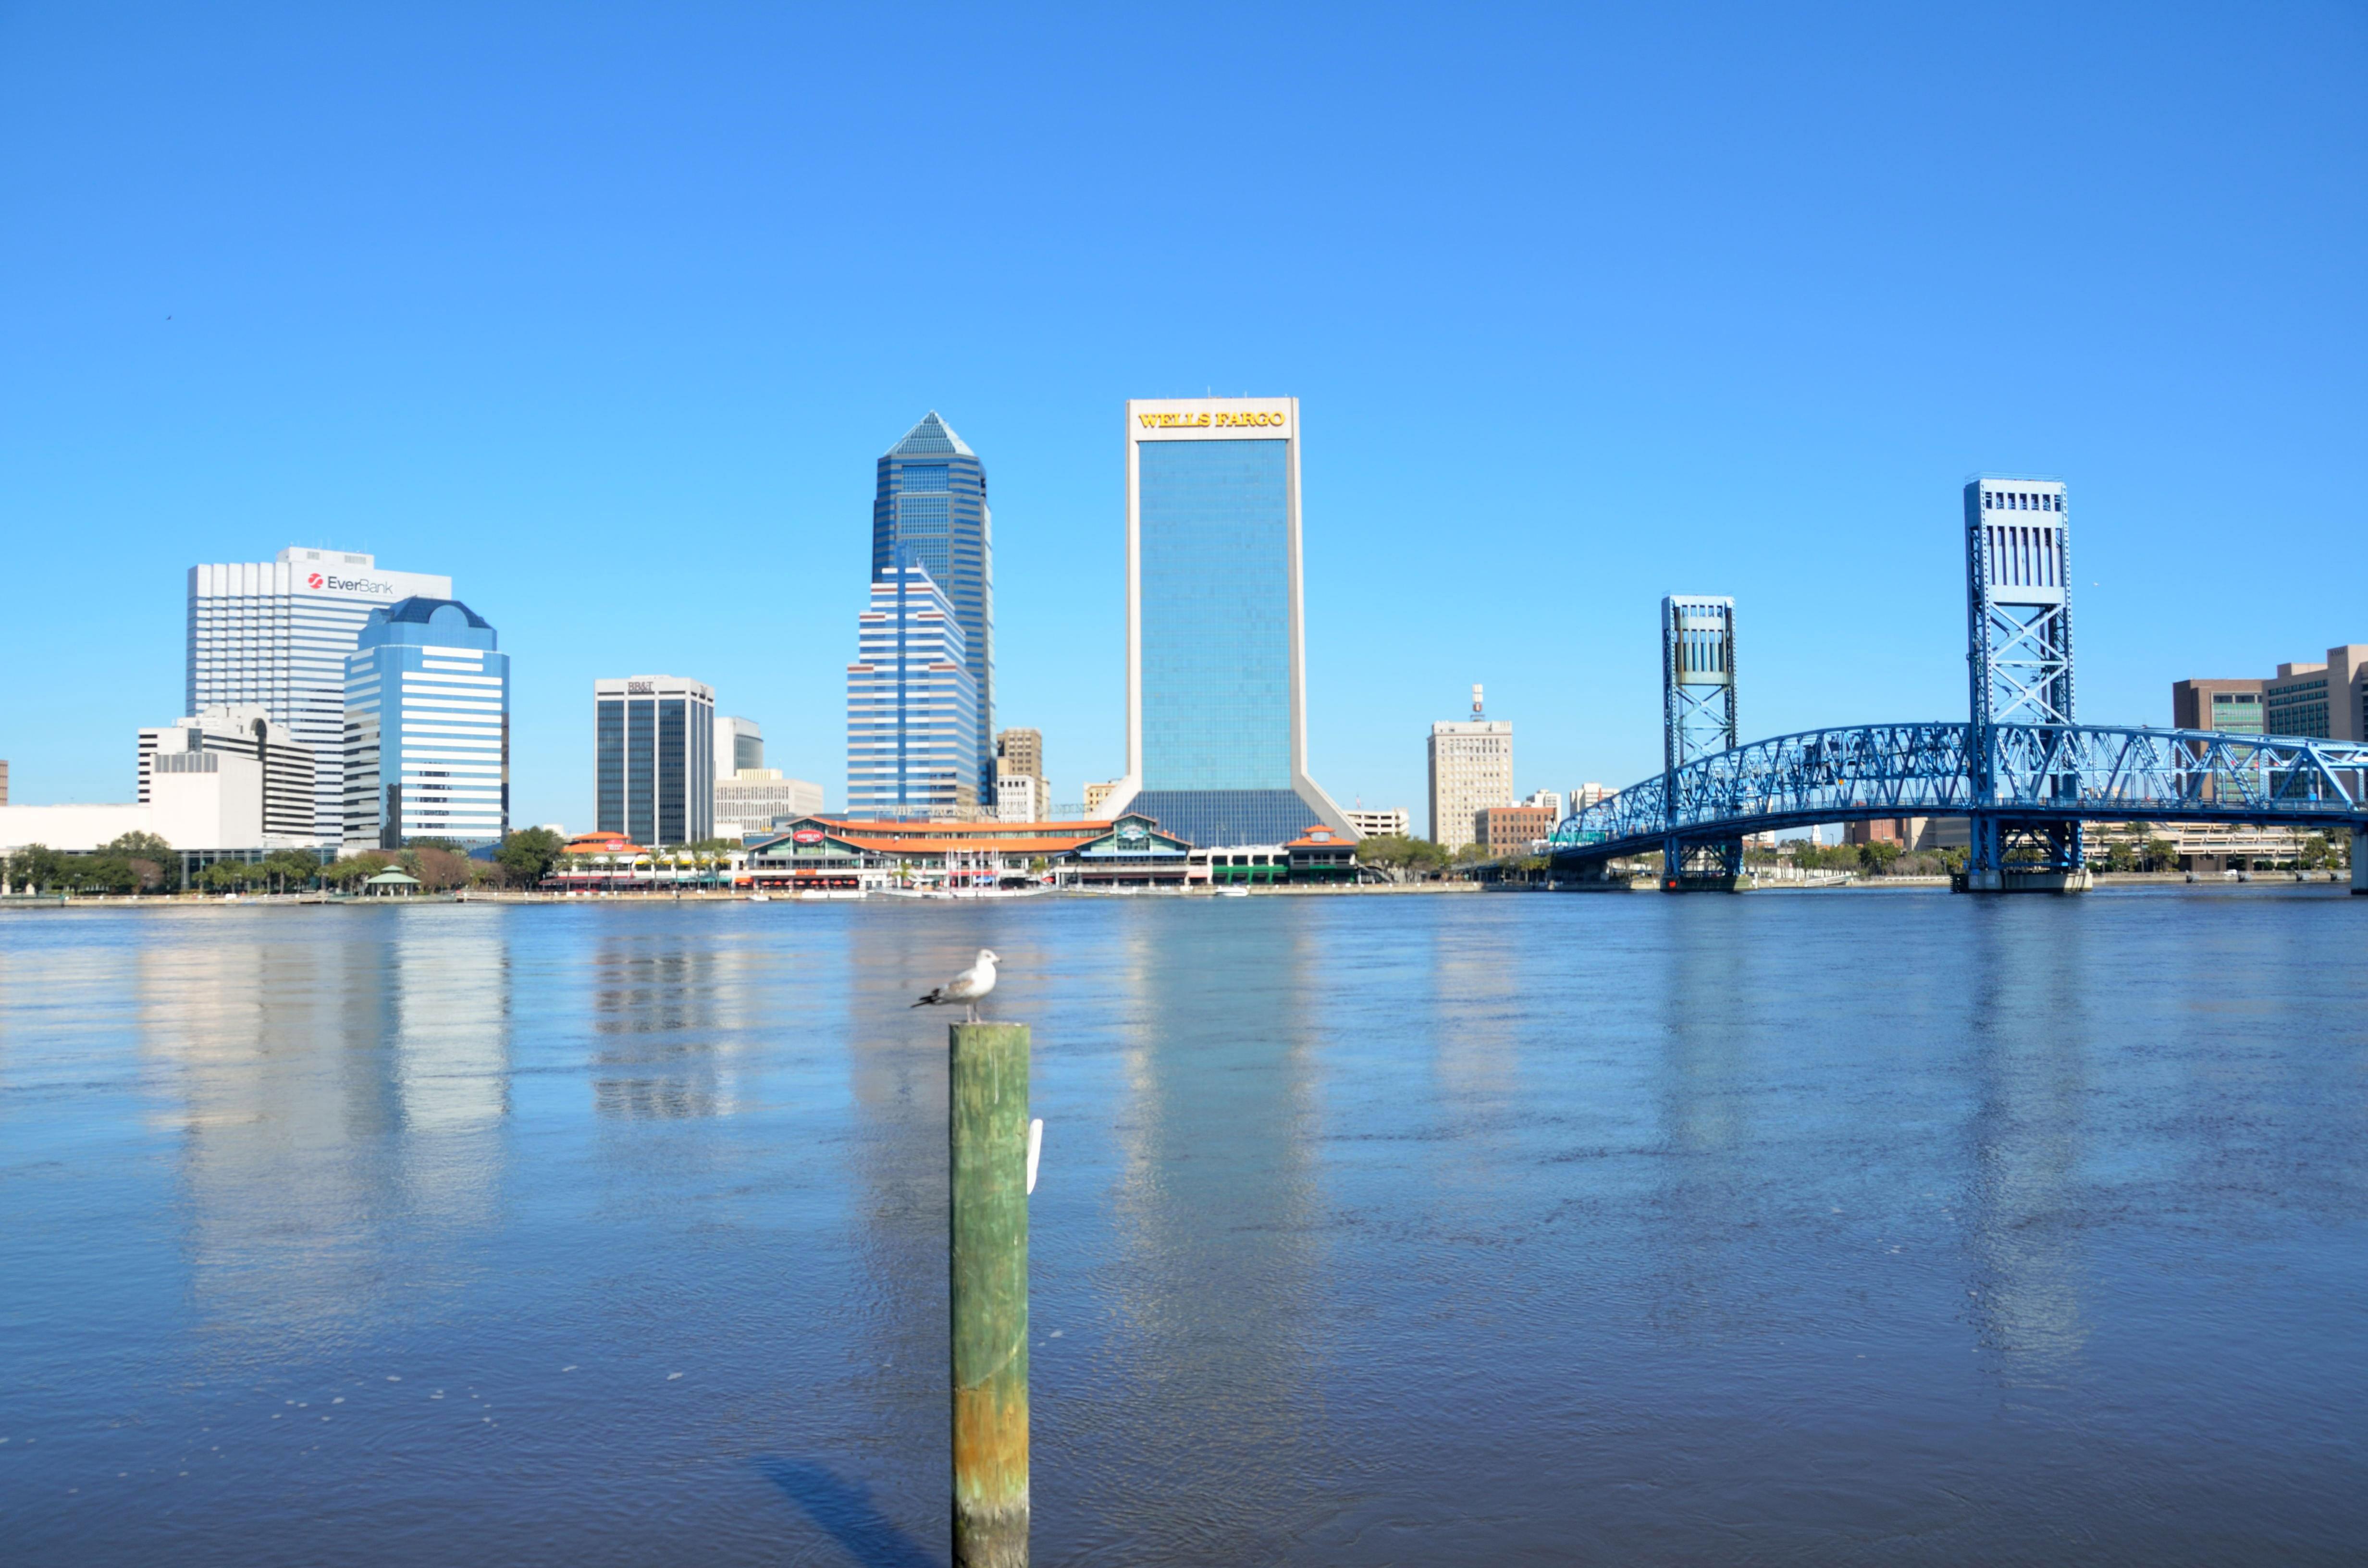 Skyline of Jacksonville, Florida image - Free stock photo - Public ...